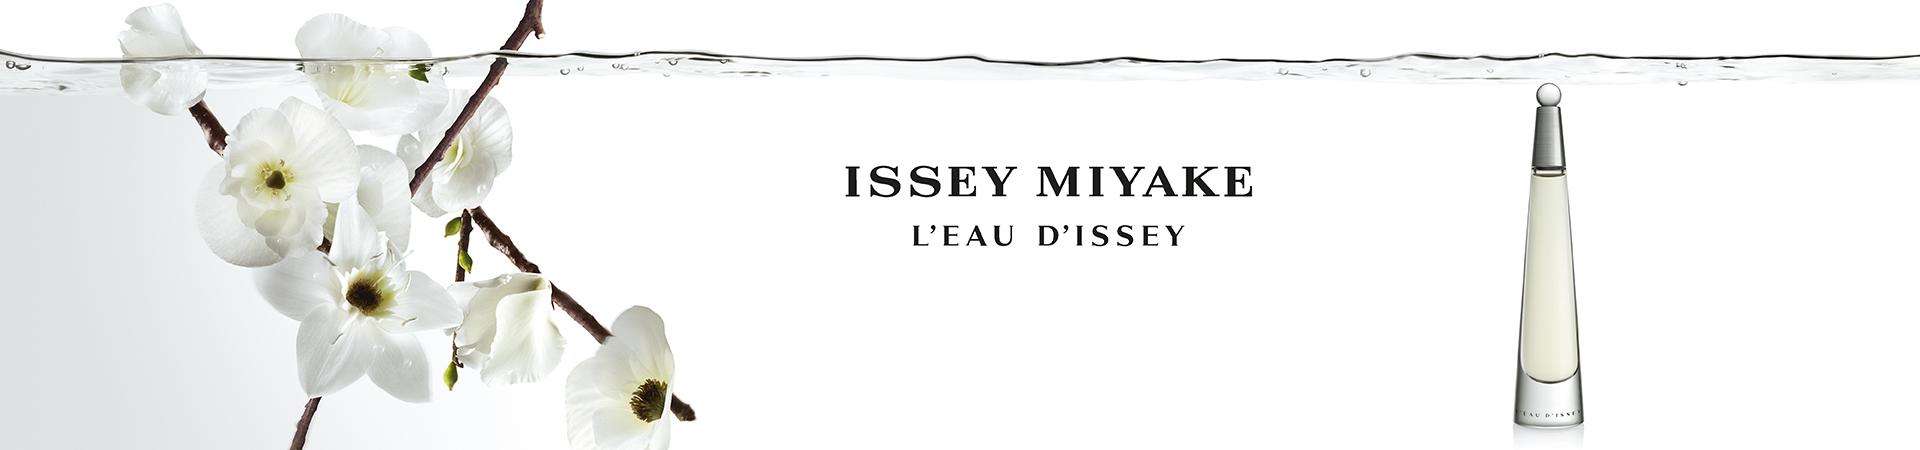 L'Eau d'Issey